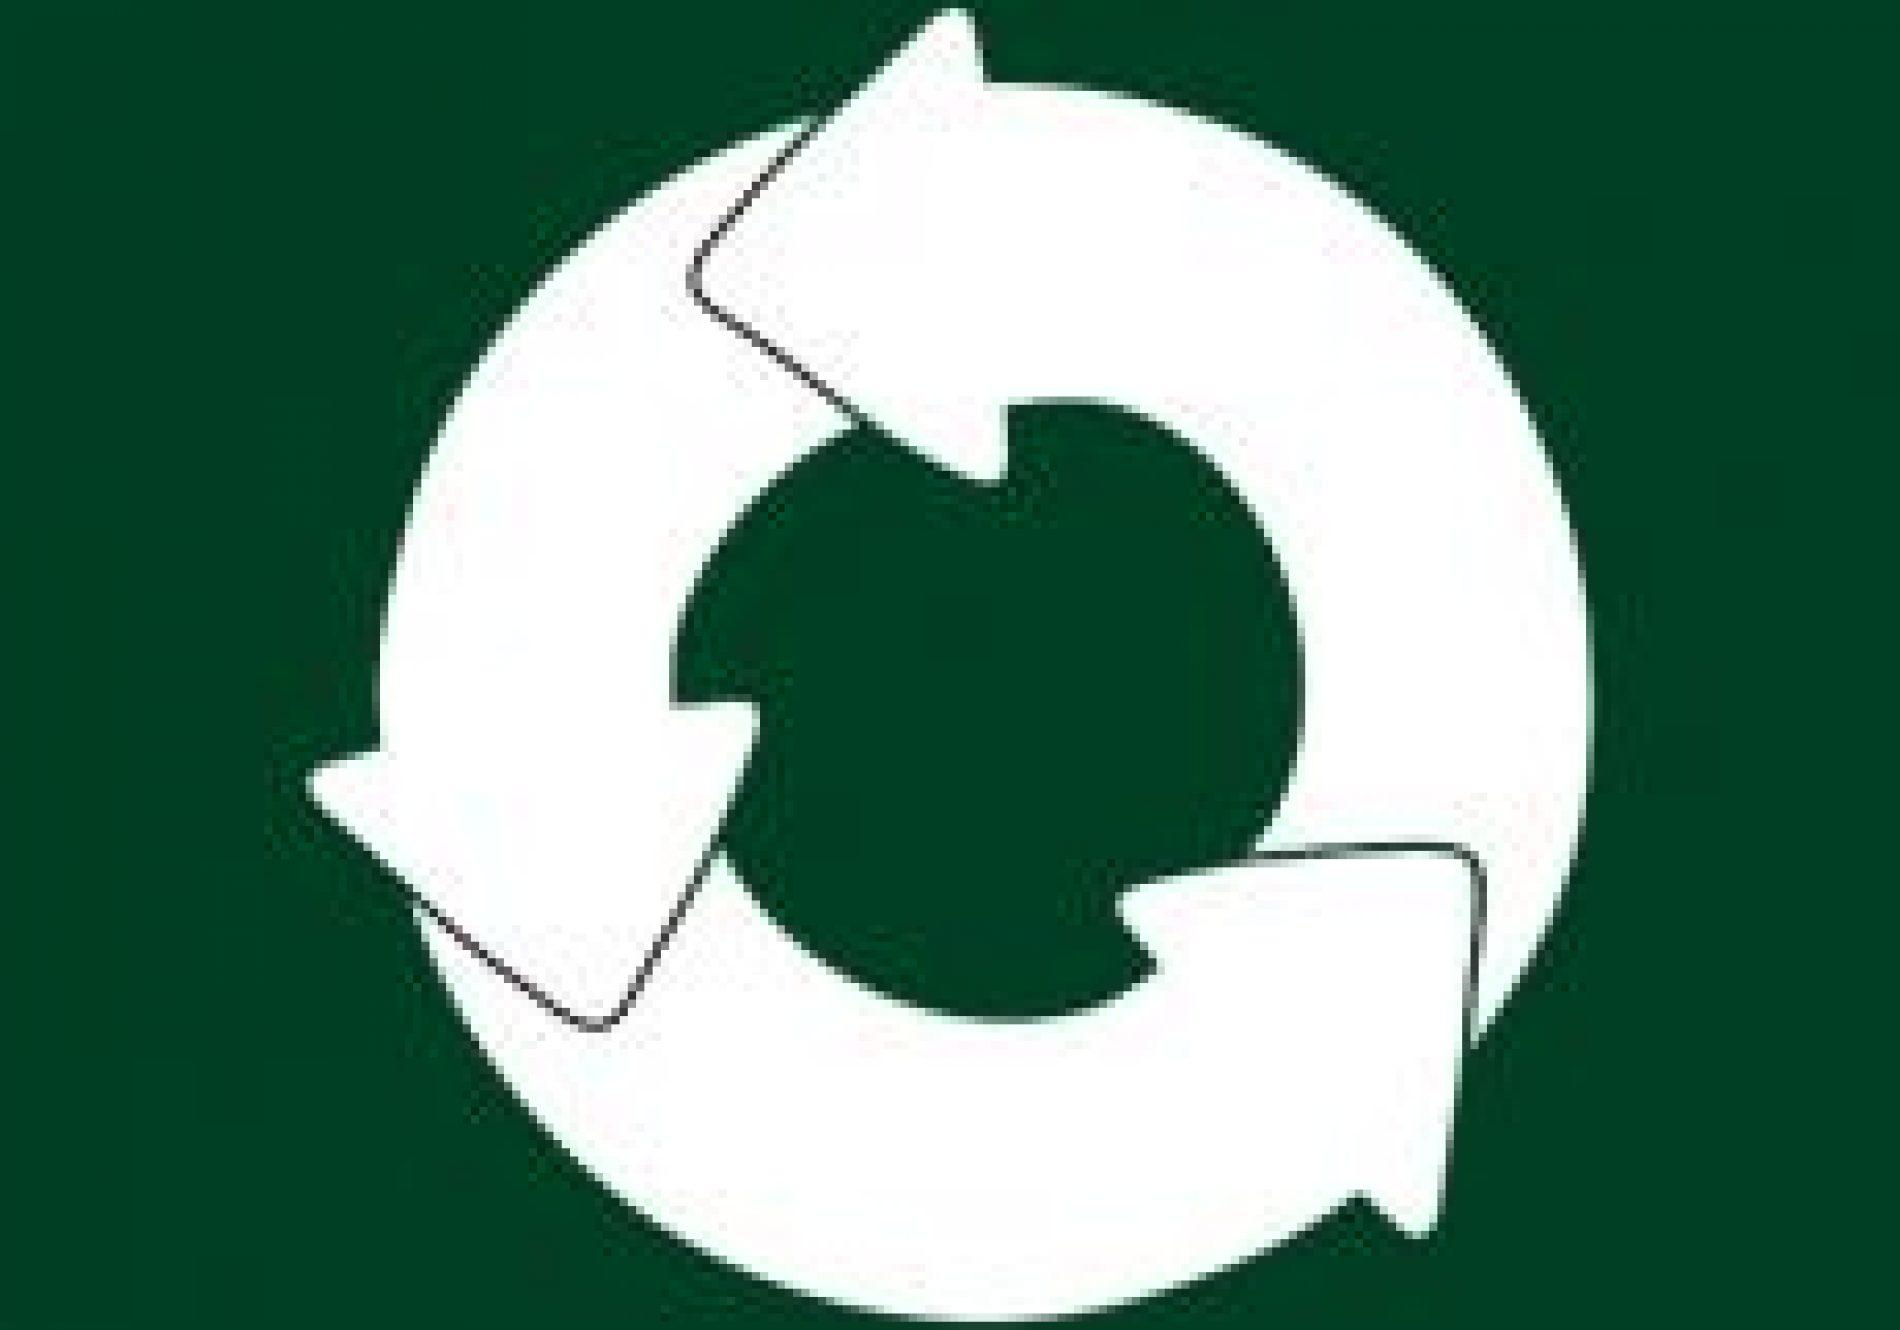 Diàlegs ambientals sobre economia circular, un dels grans focus de l'RSE